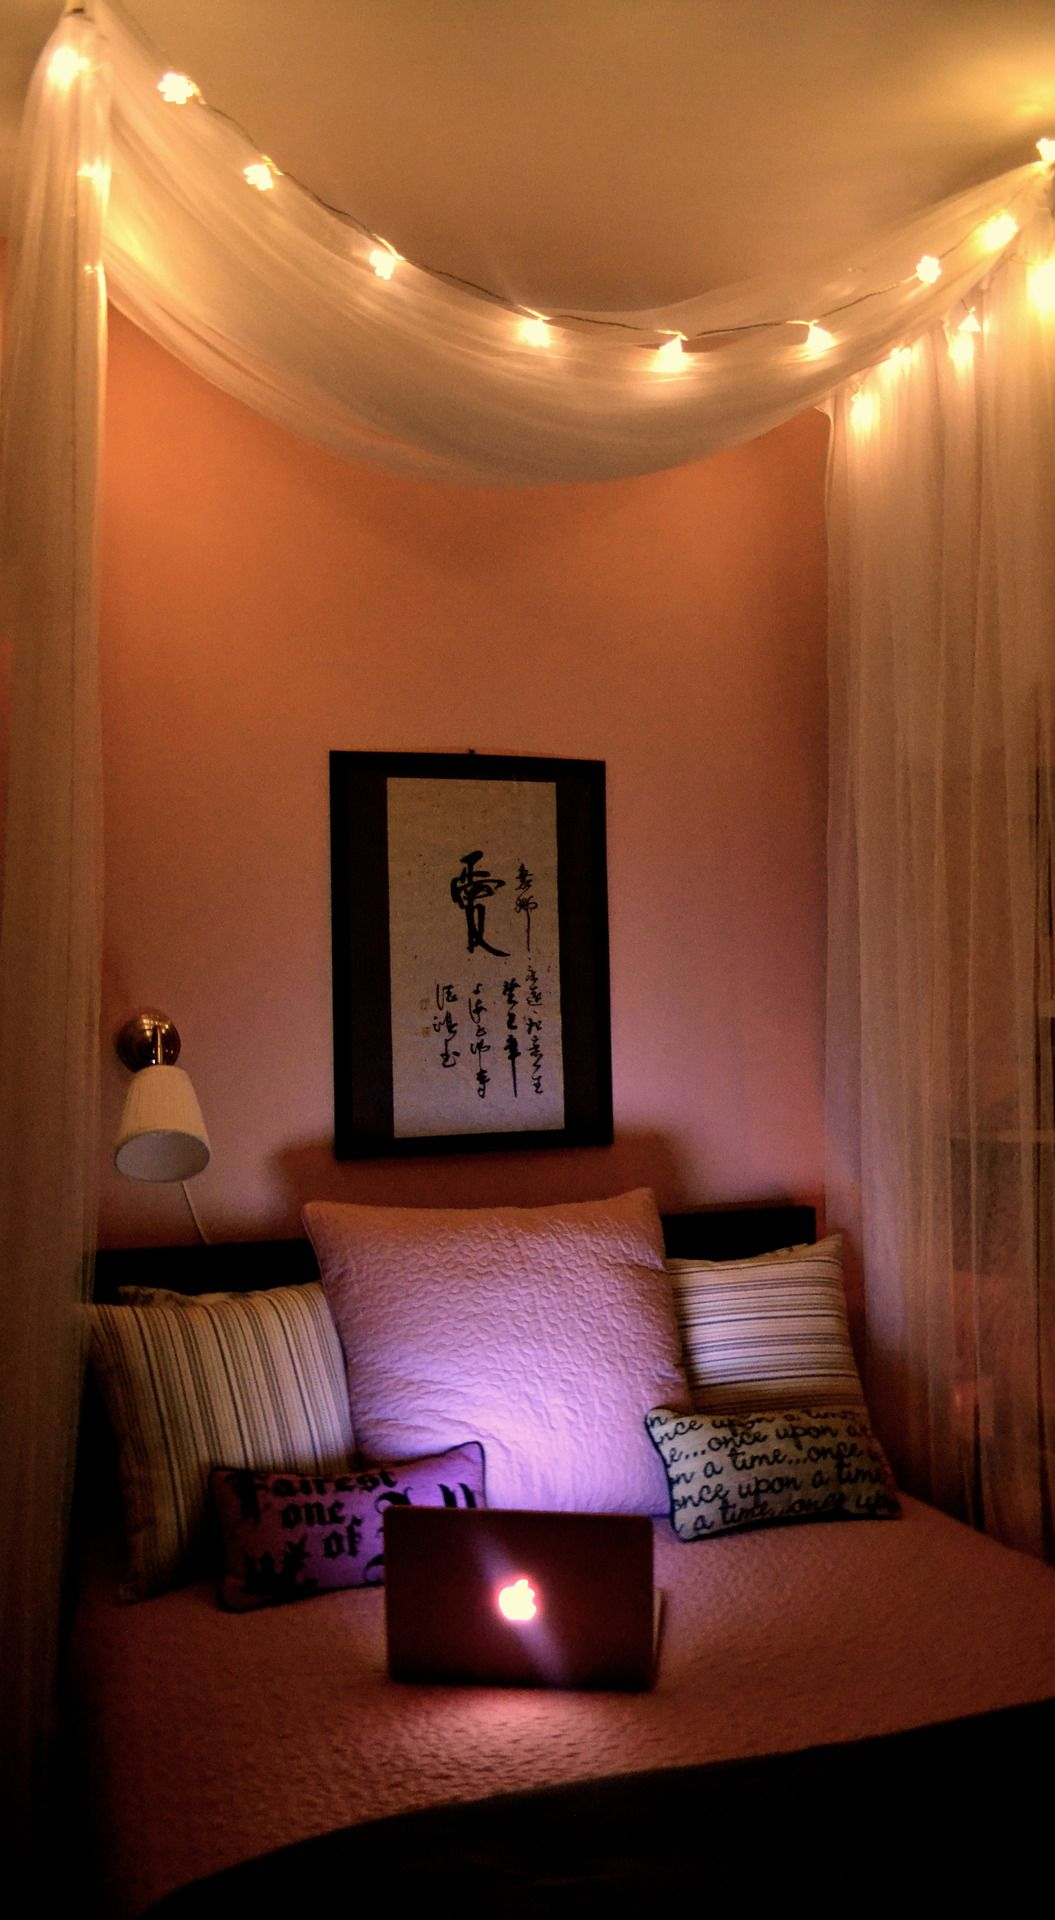 Beautiful Diy Room Decorations Decoraciones De Dormitorio